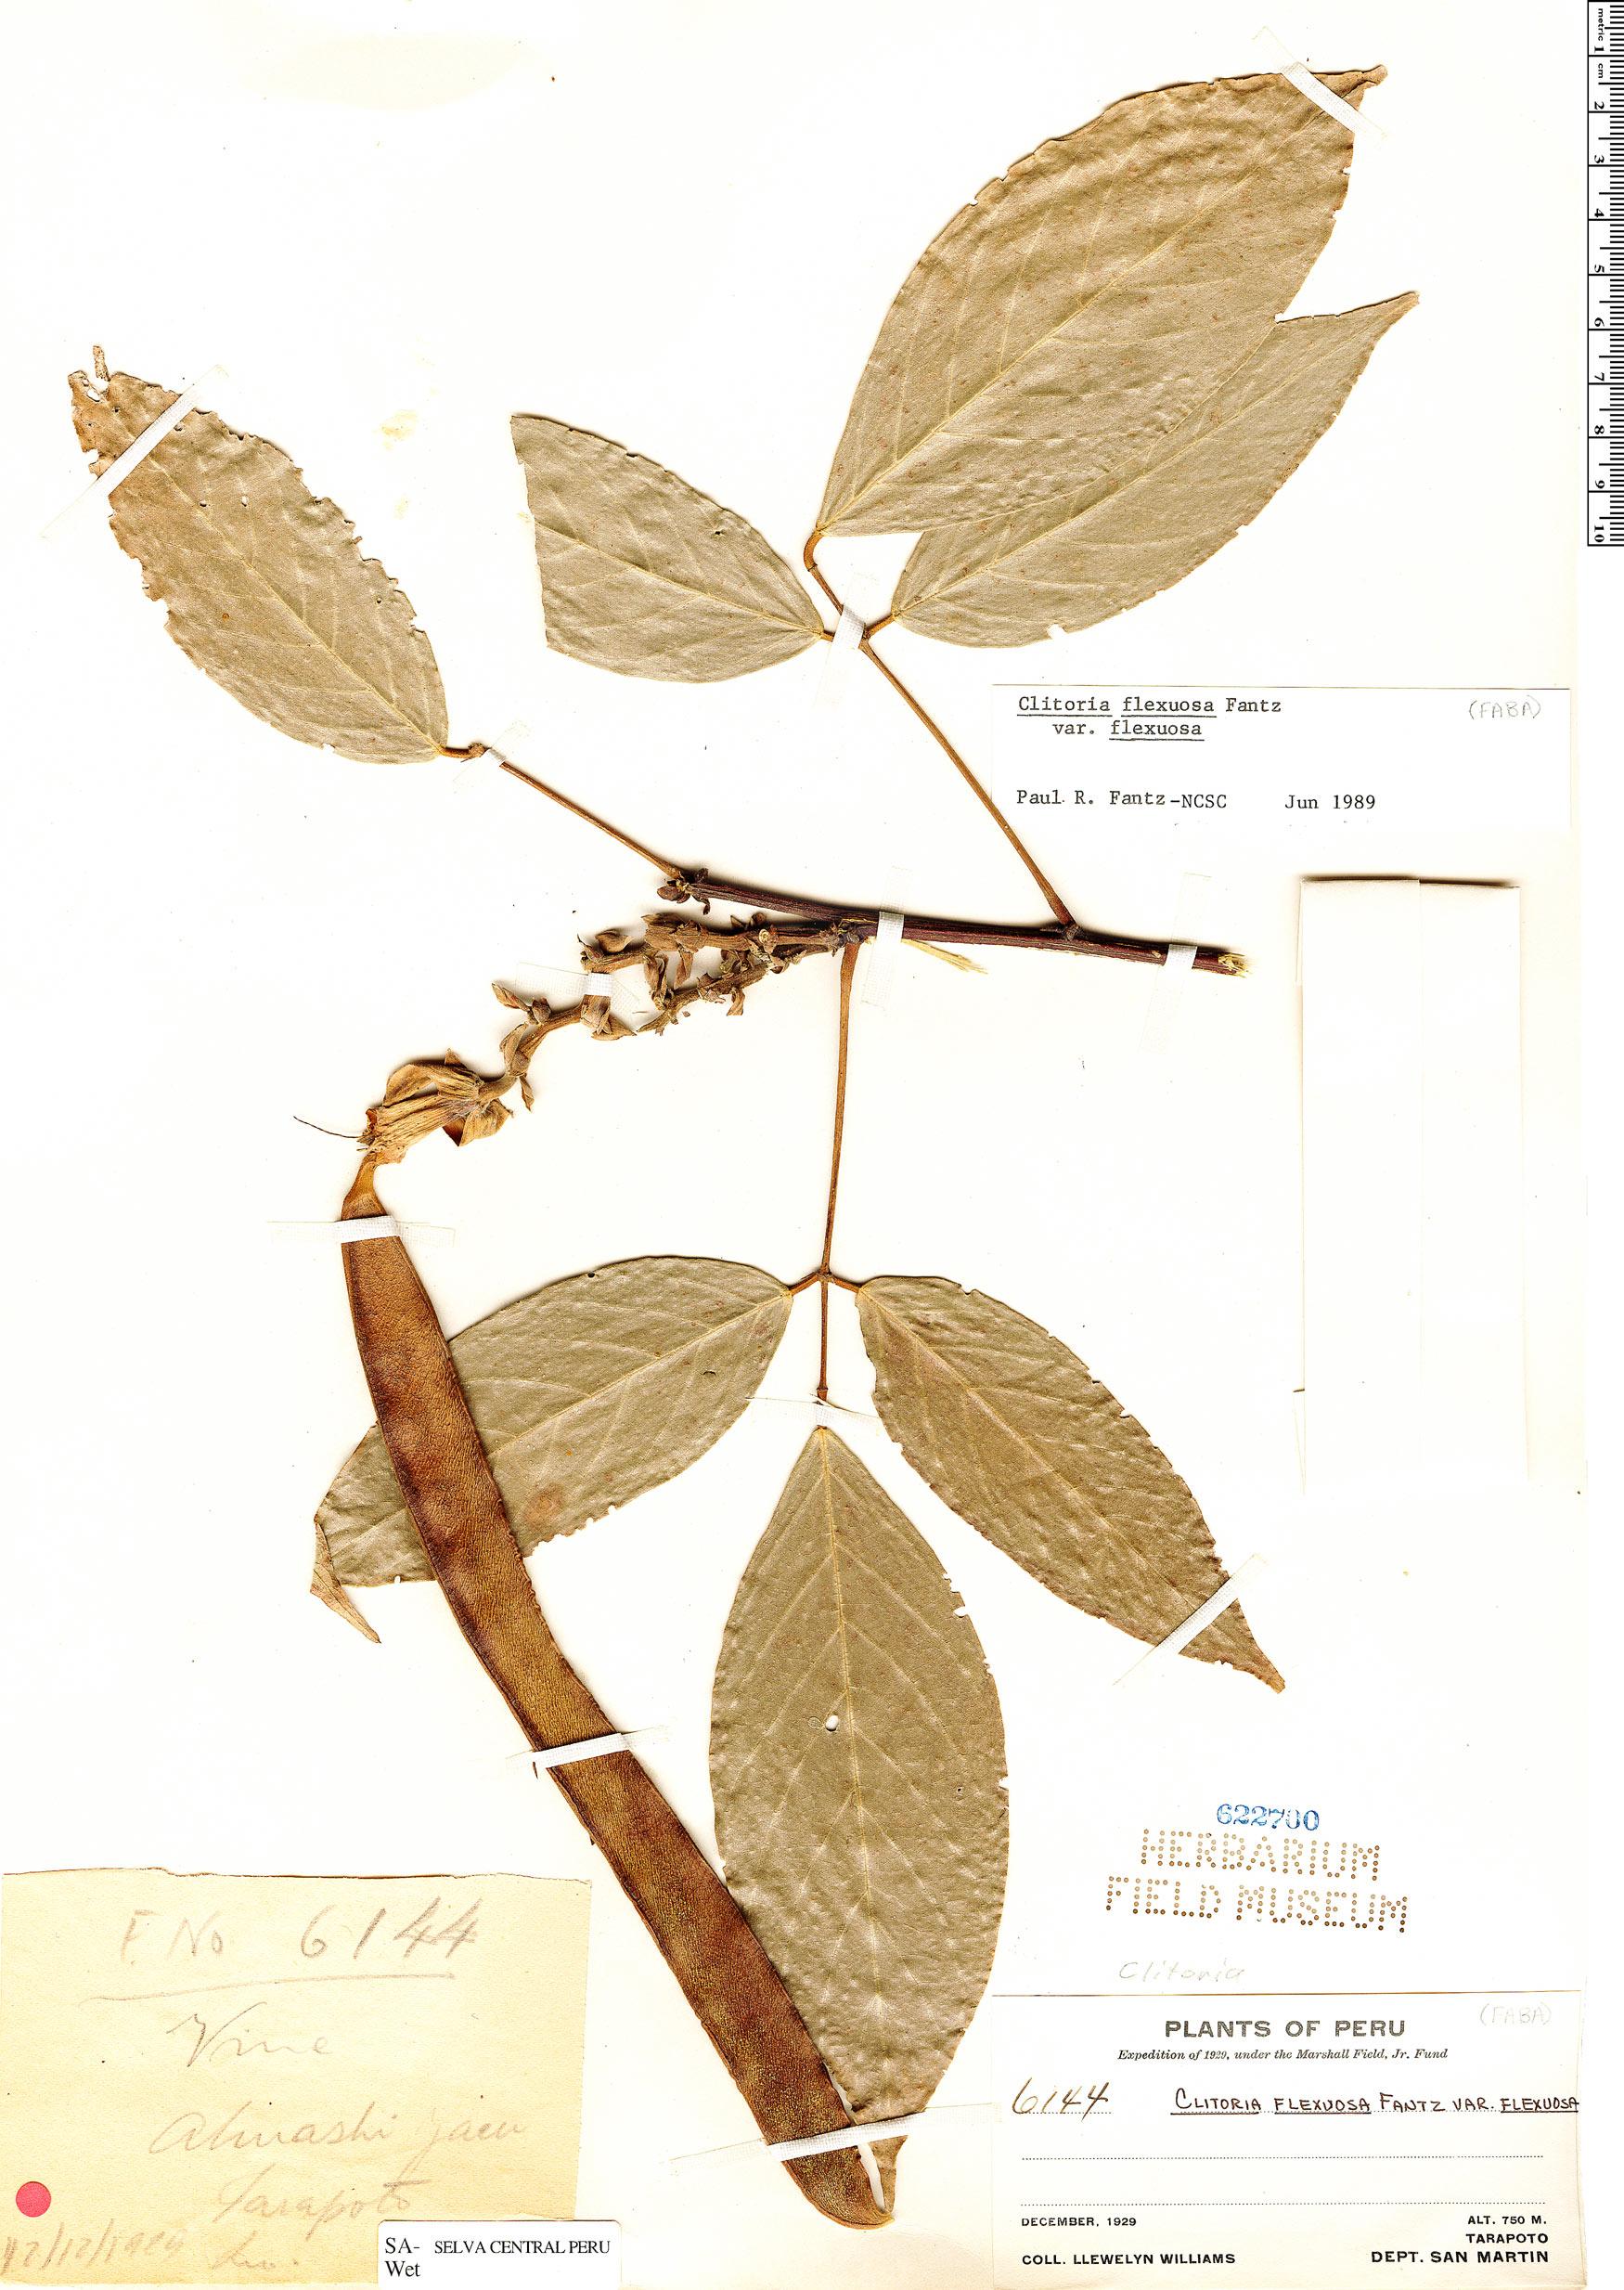 Specimen: Clitoria flexuosa